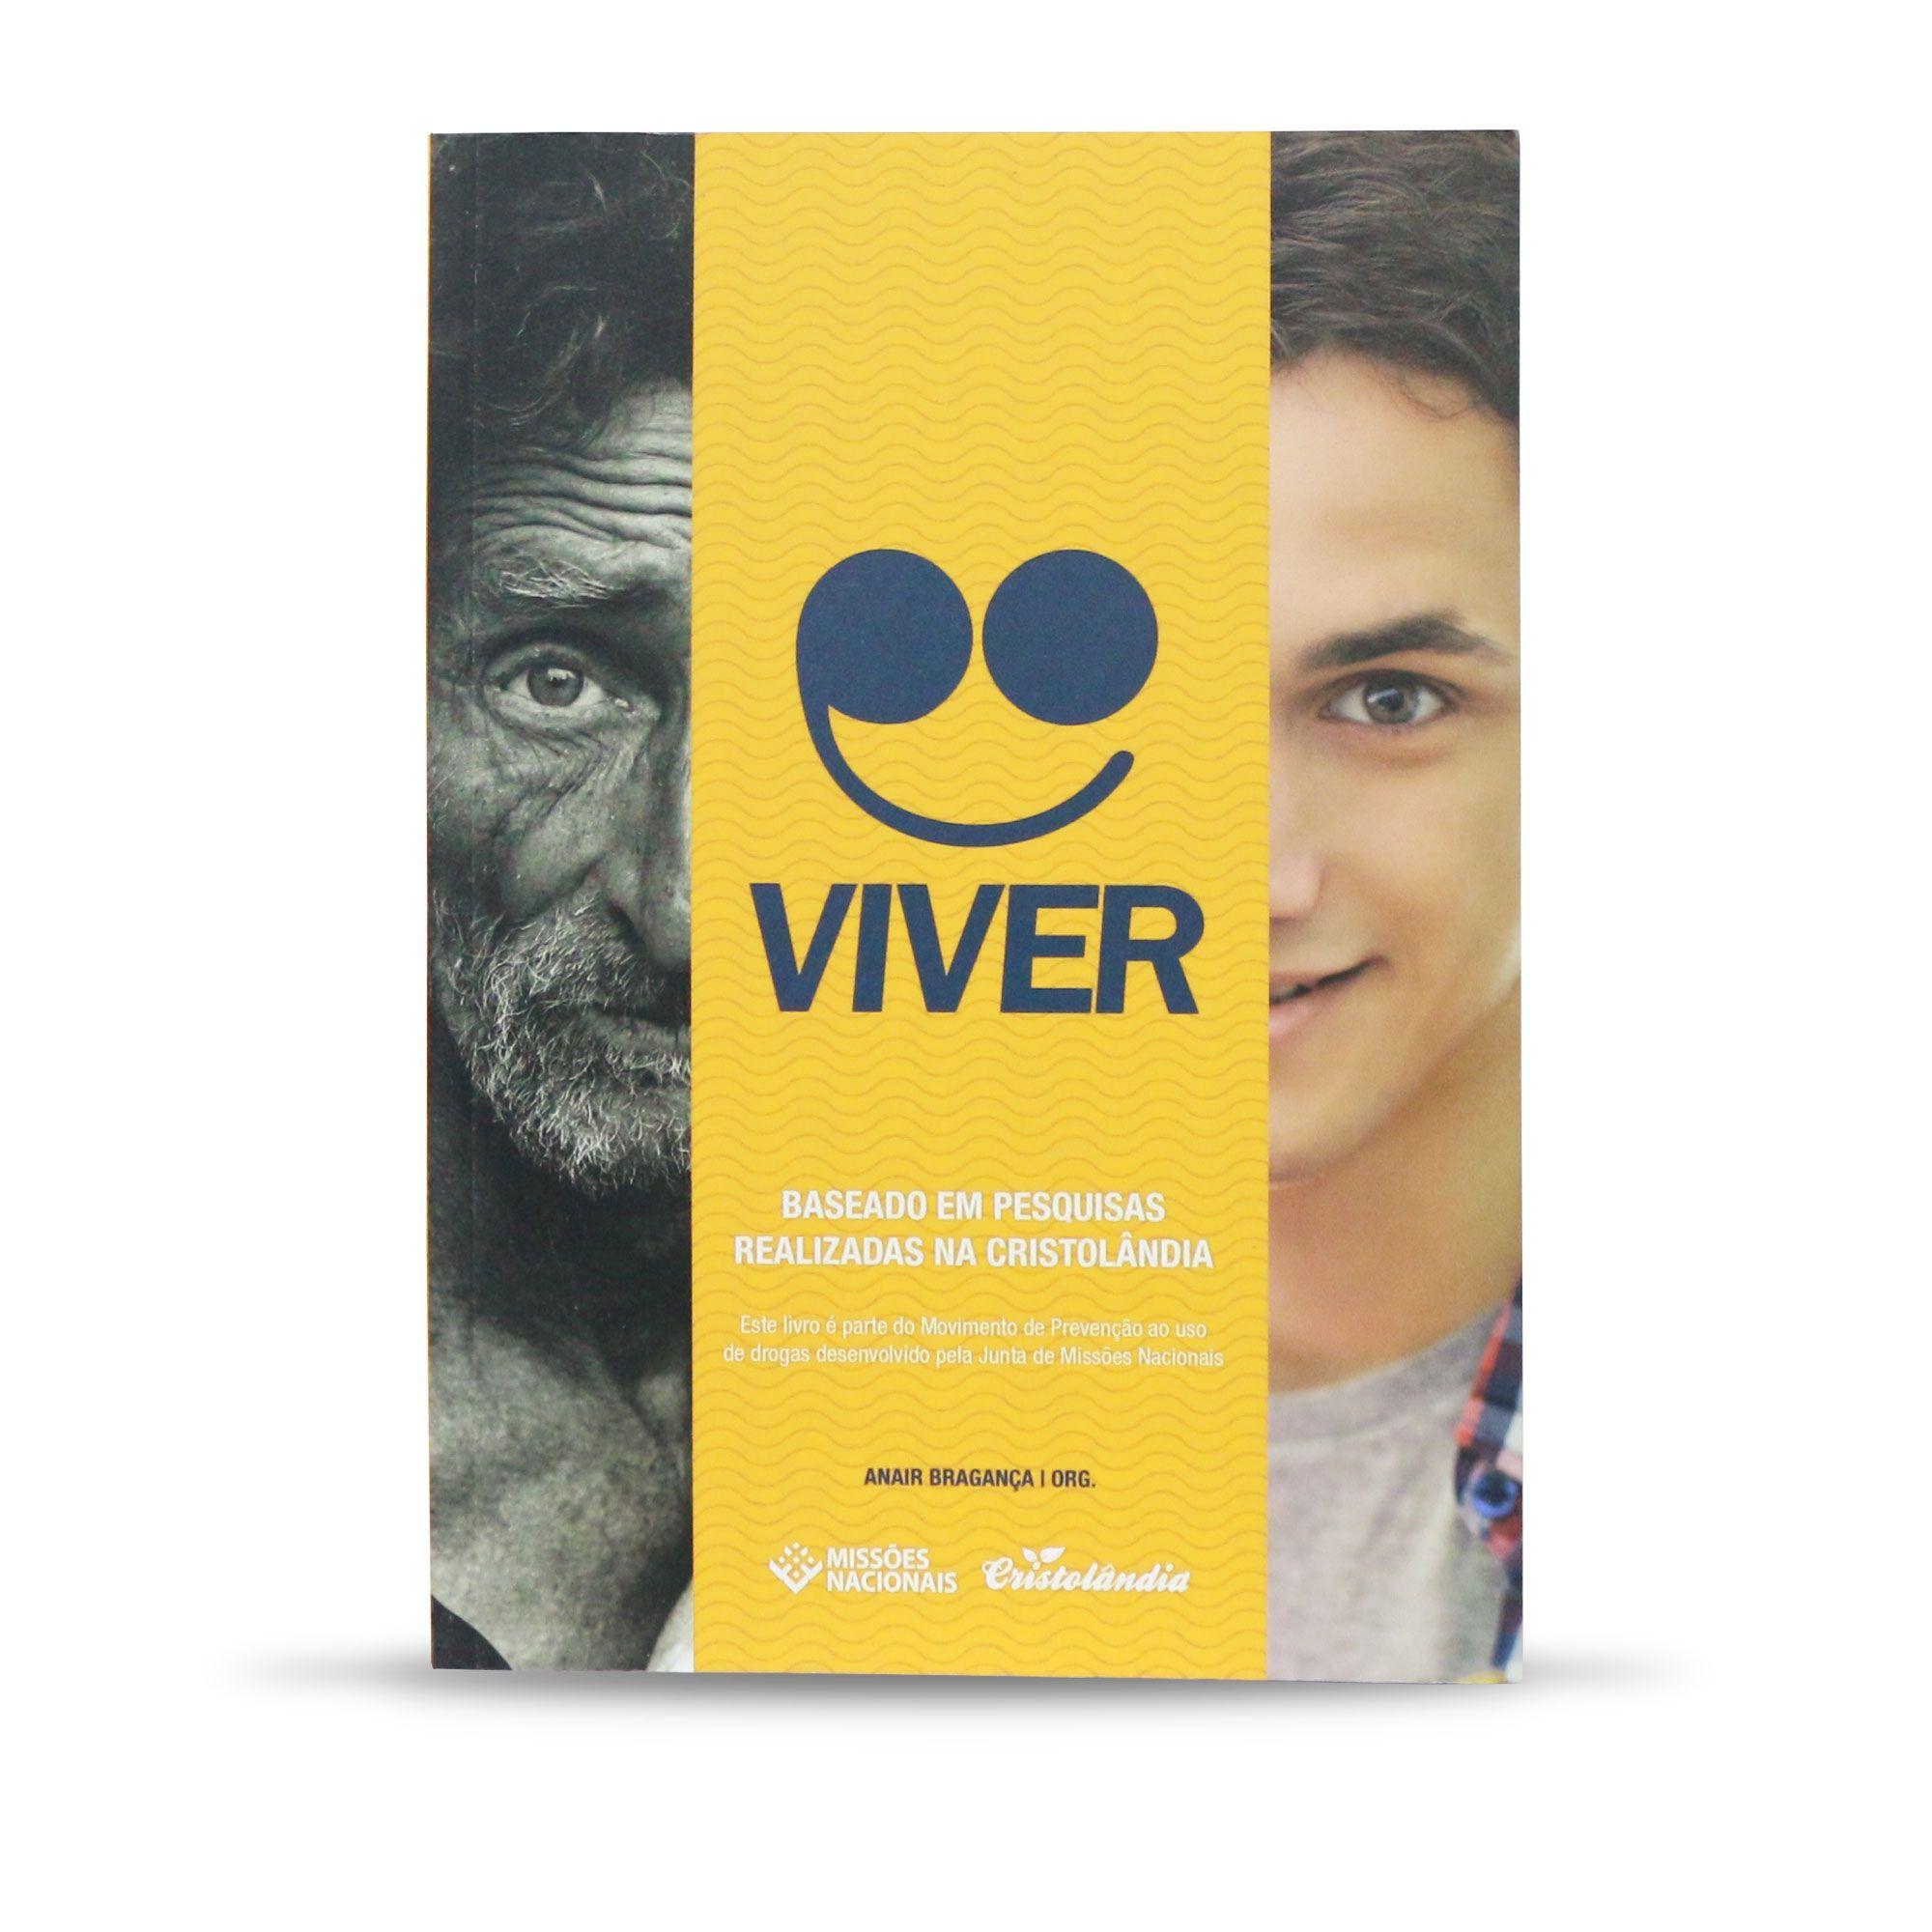 Viver - Progama de Prevenção, livro